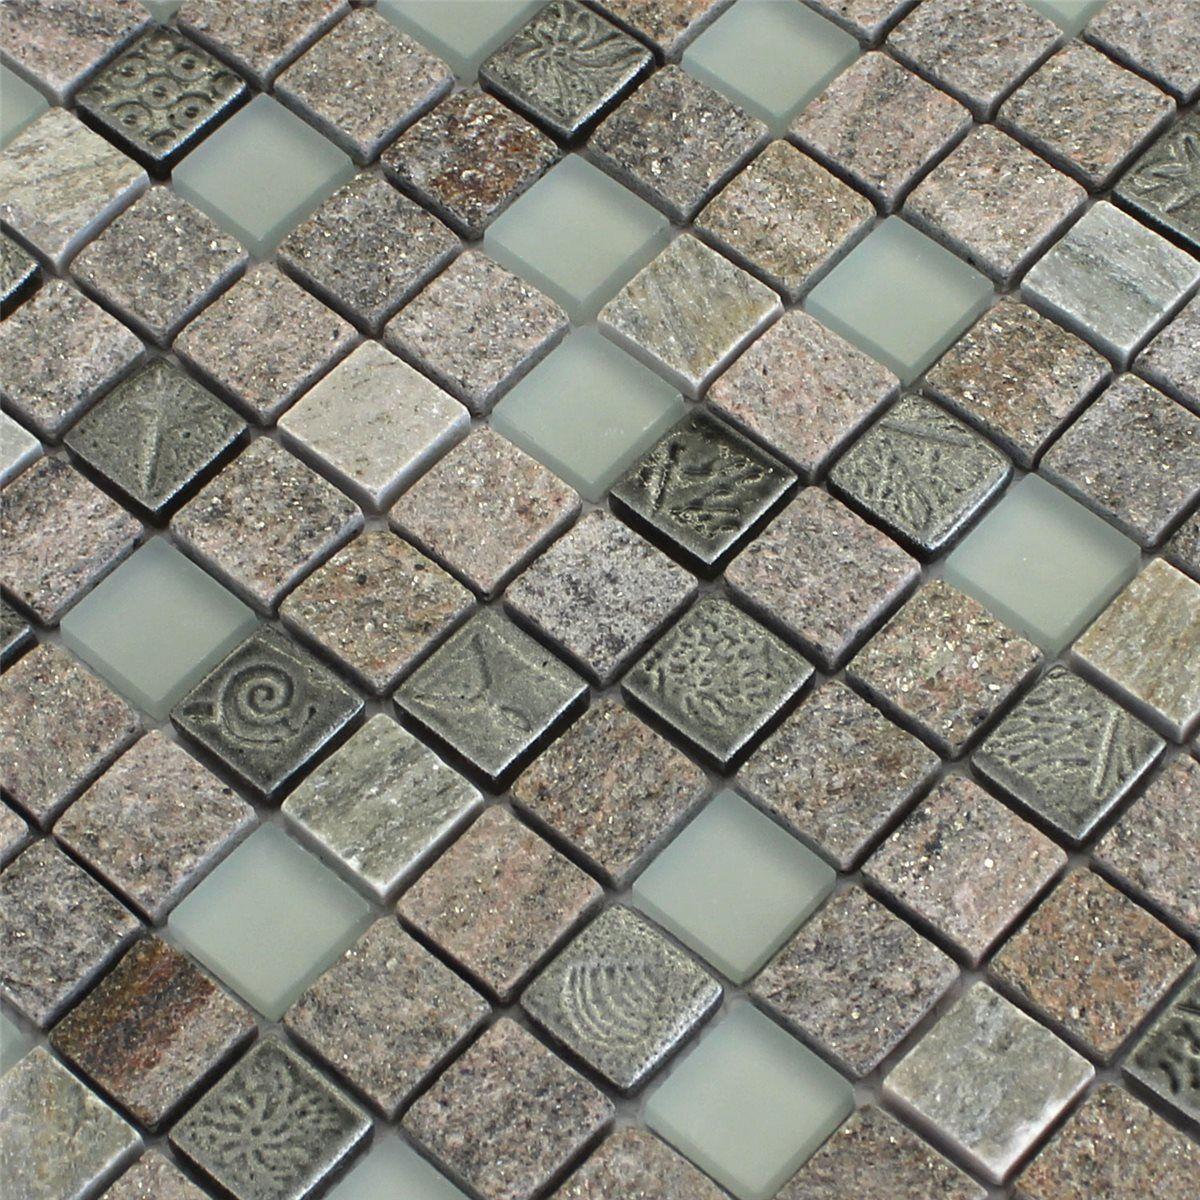 naturstein mosaik fliesen verfugen | naturstein kupfer mosaik metall